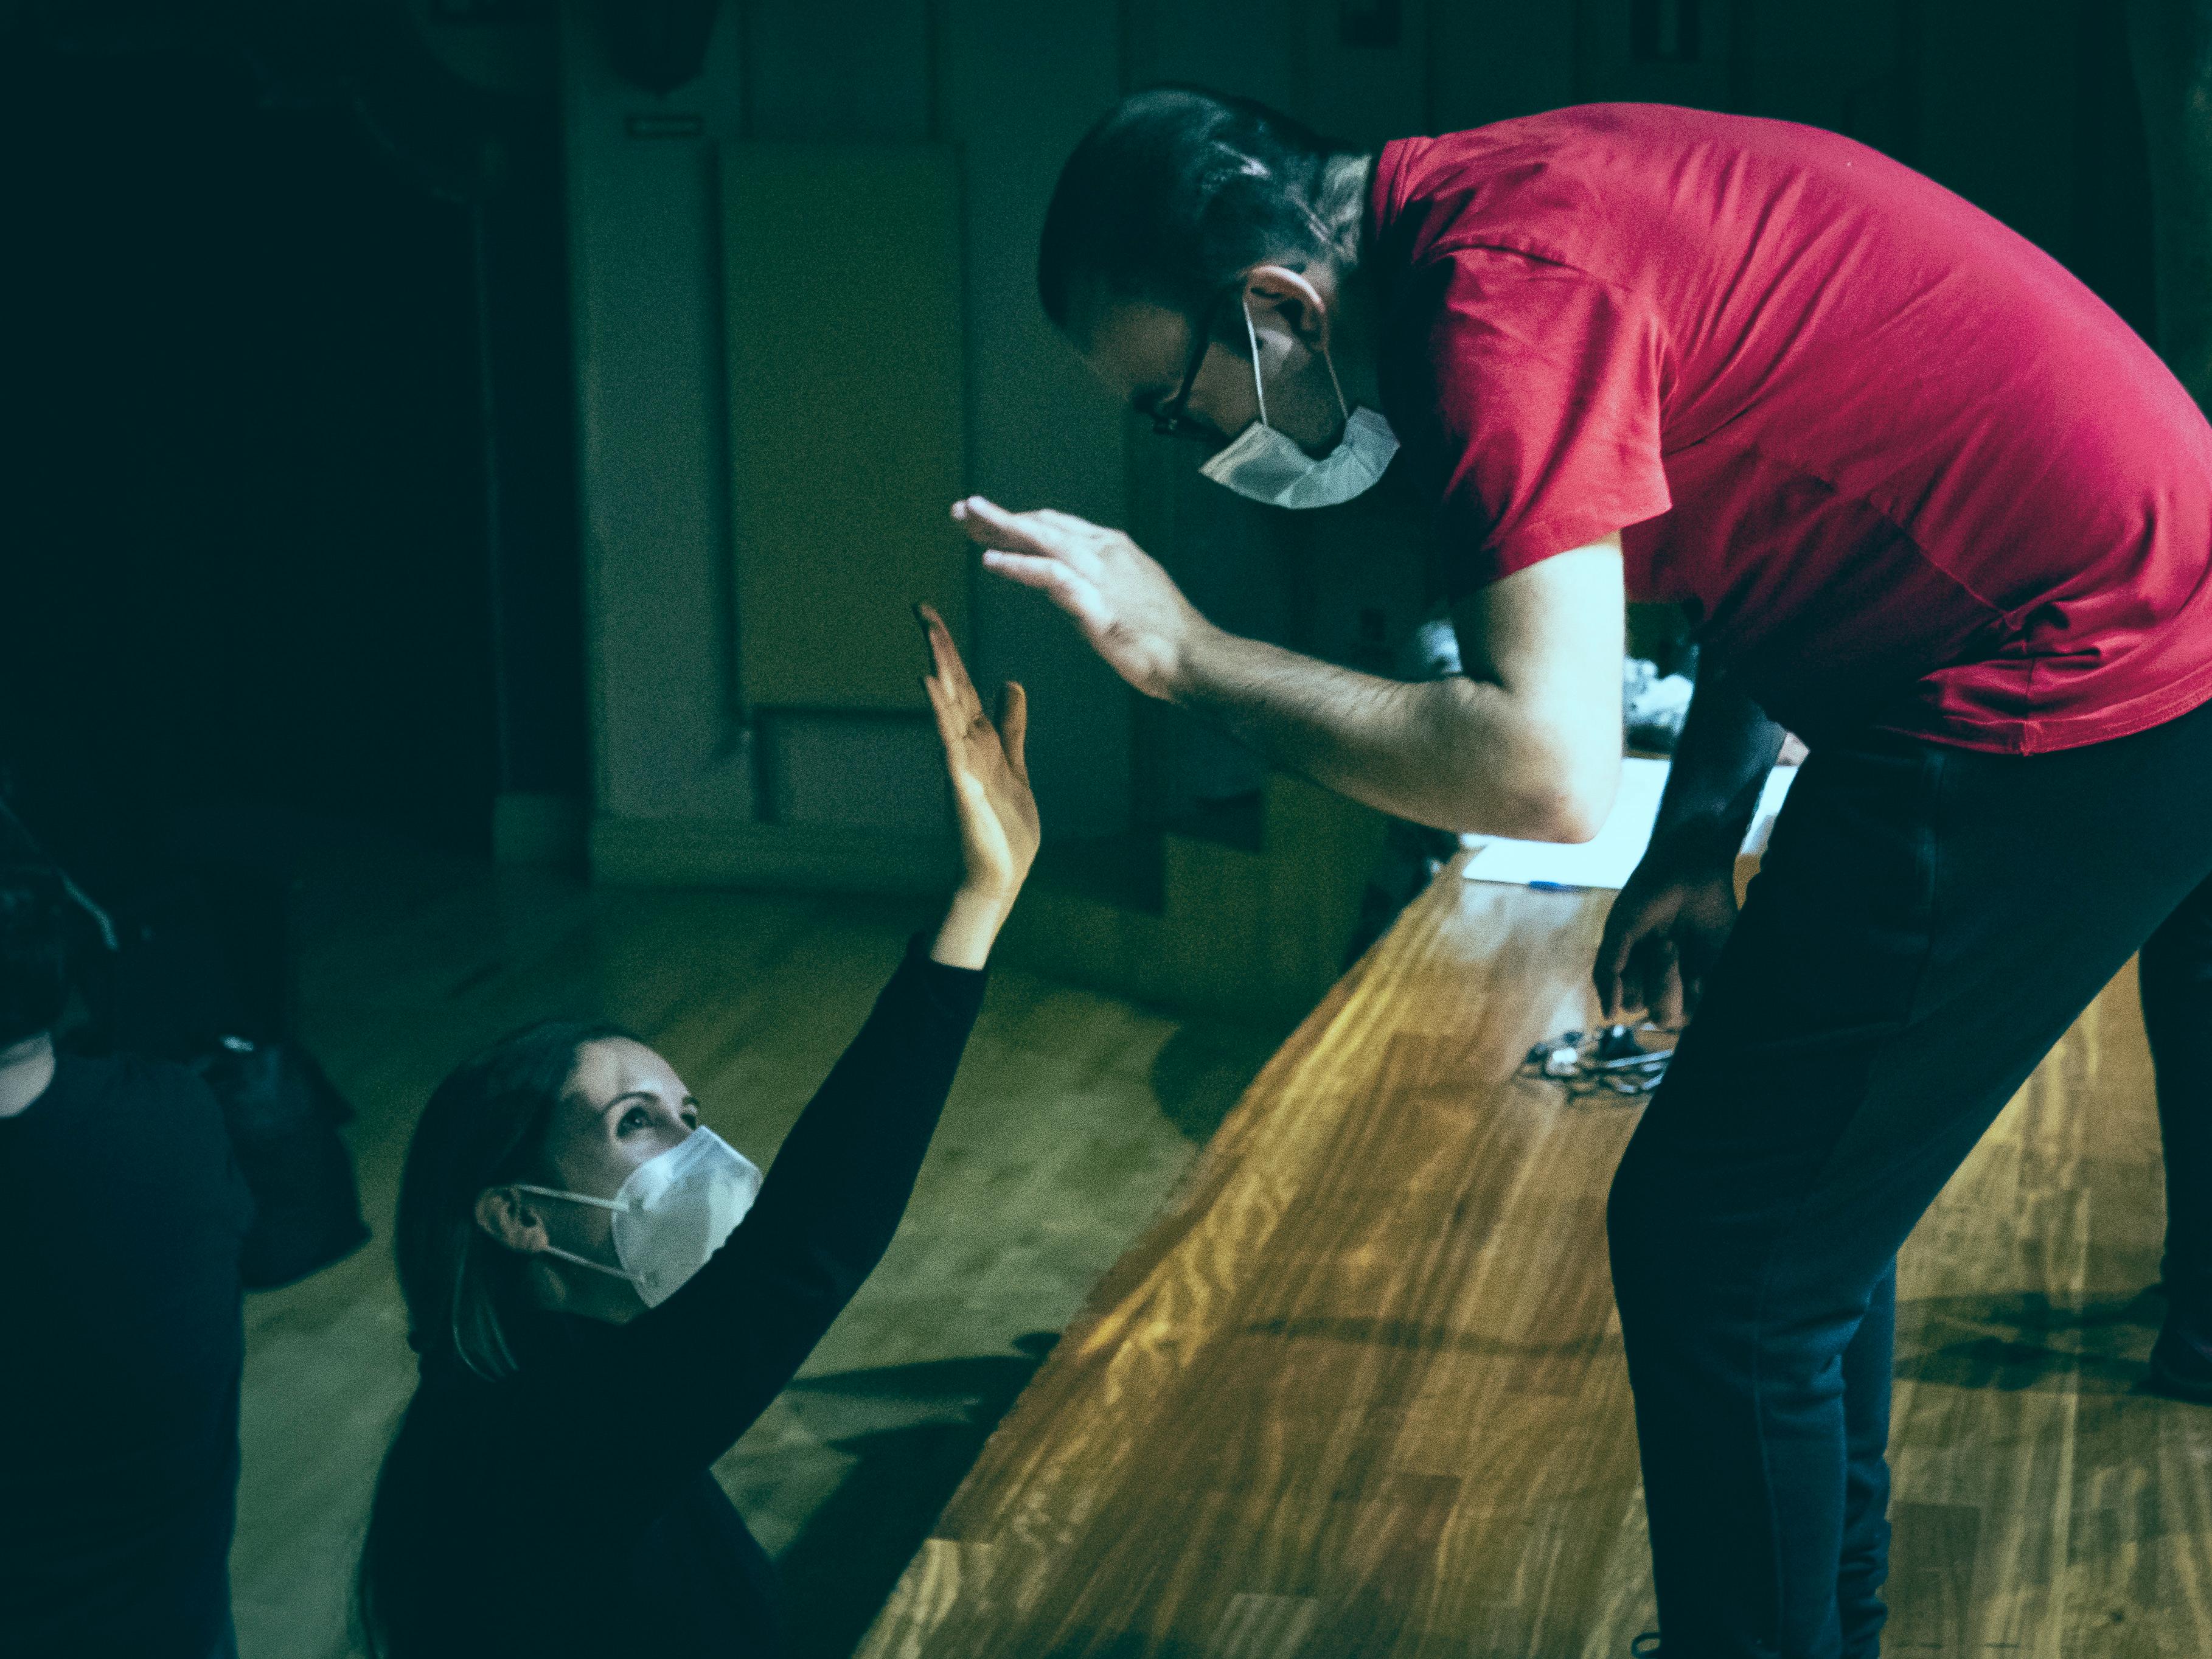 Mujer alcanzando con la mano a un hombre subido a un escenario